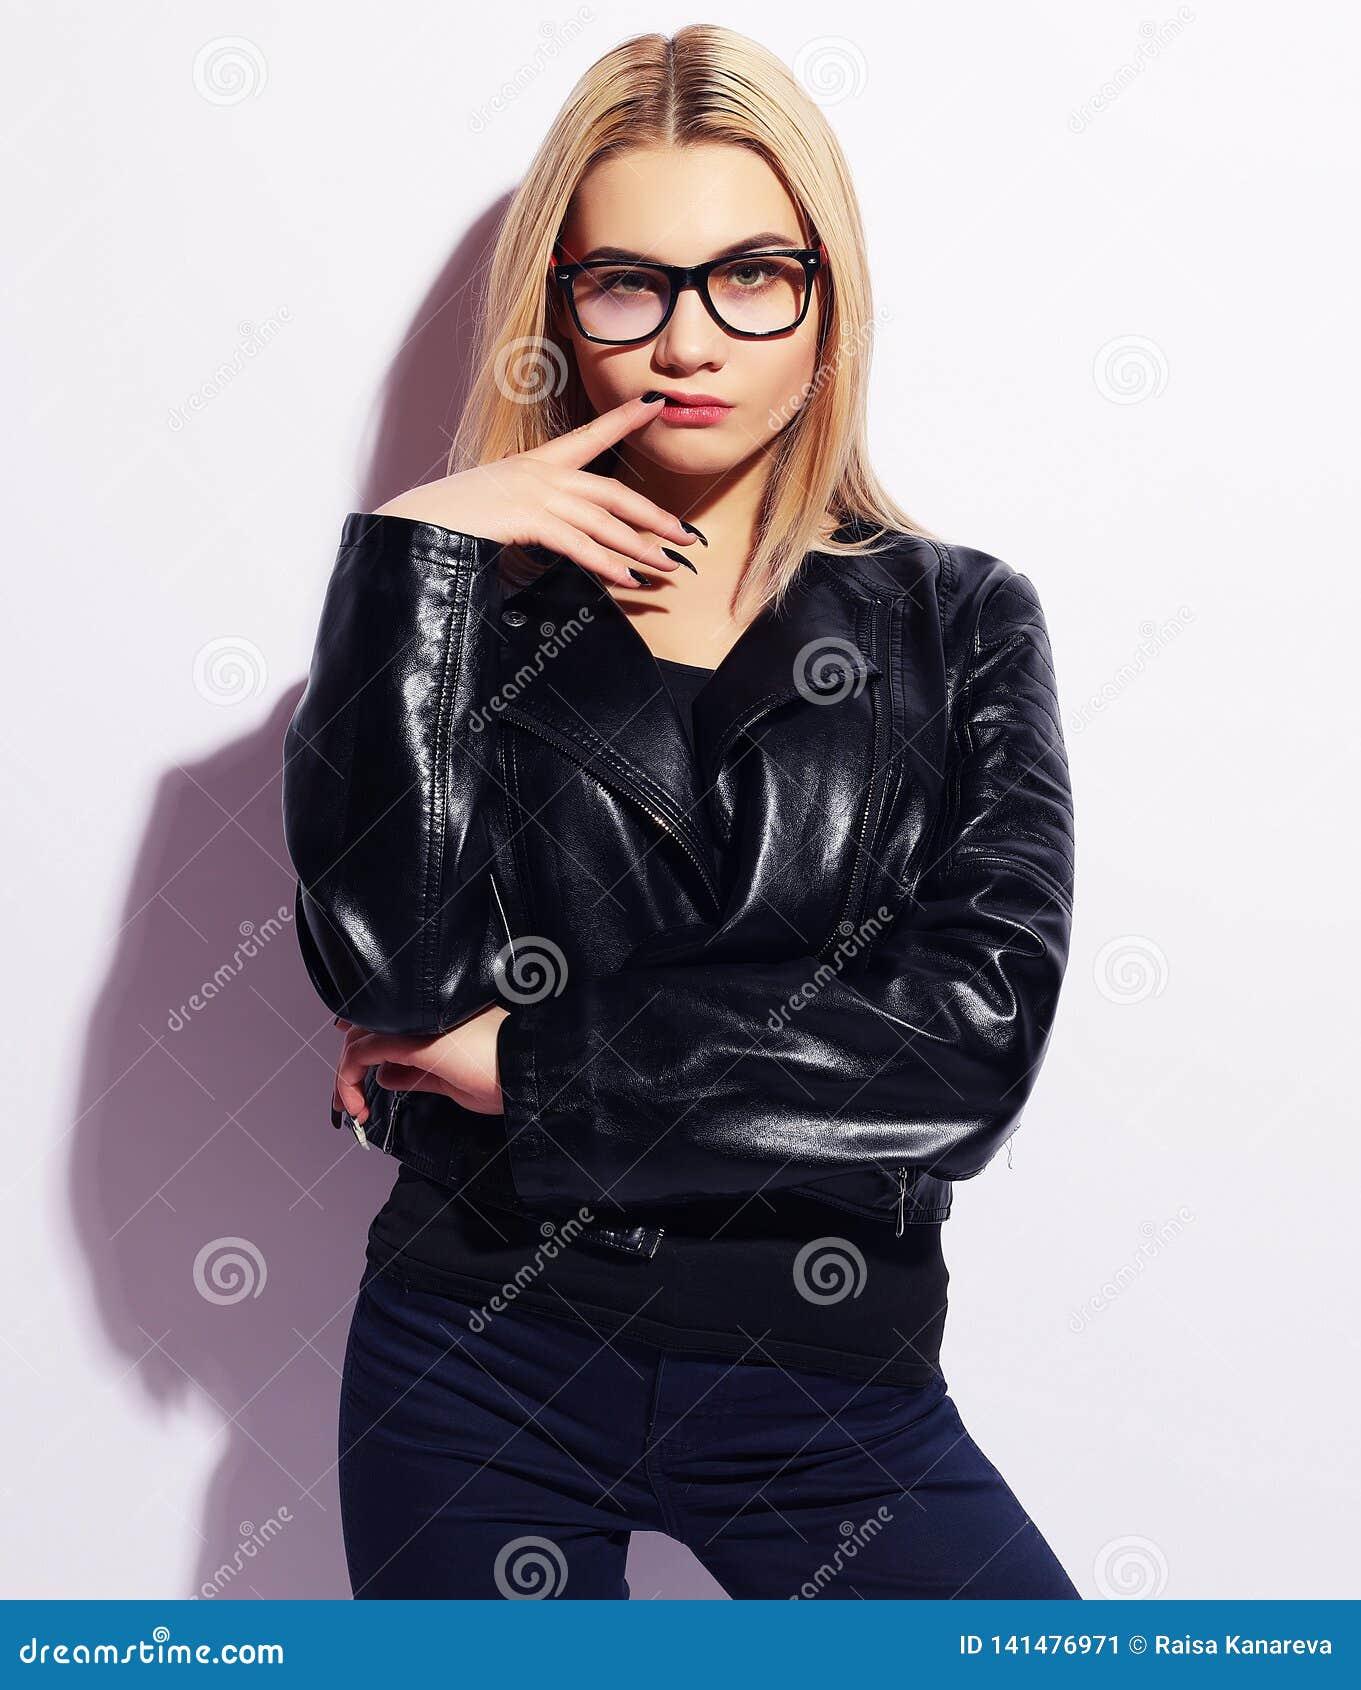 homme frais frais gamme exclusive Modèle De Mode Dans Le Vêtement Noir Veste En Cuir Et ...